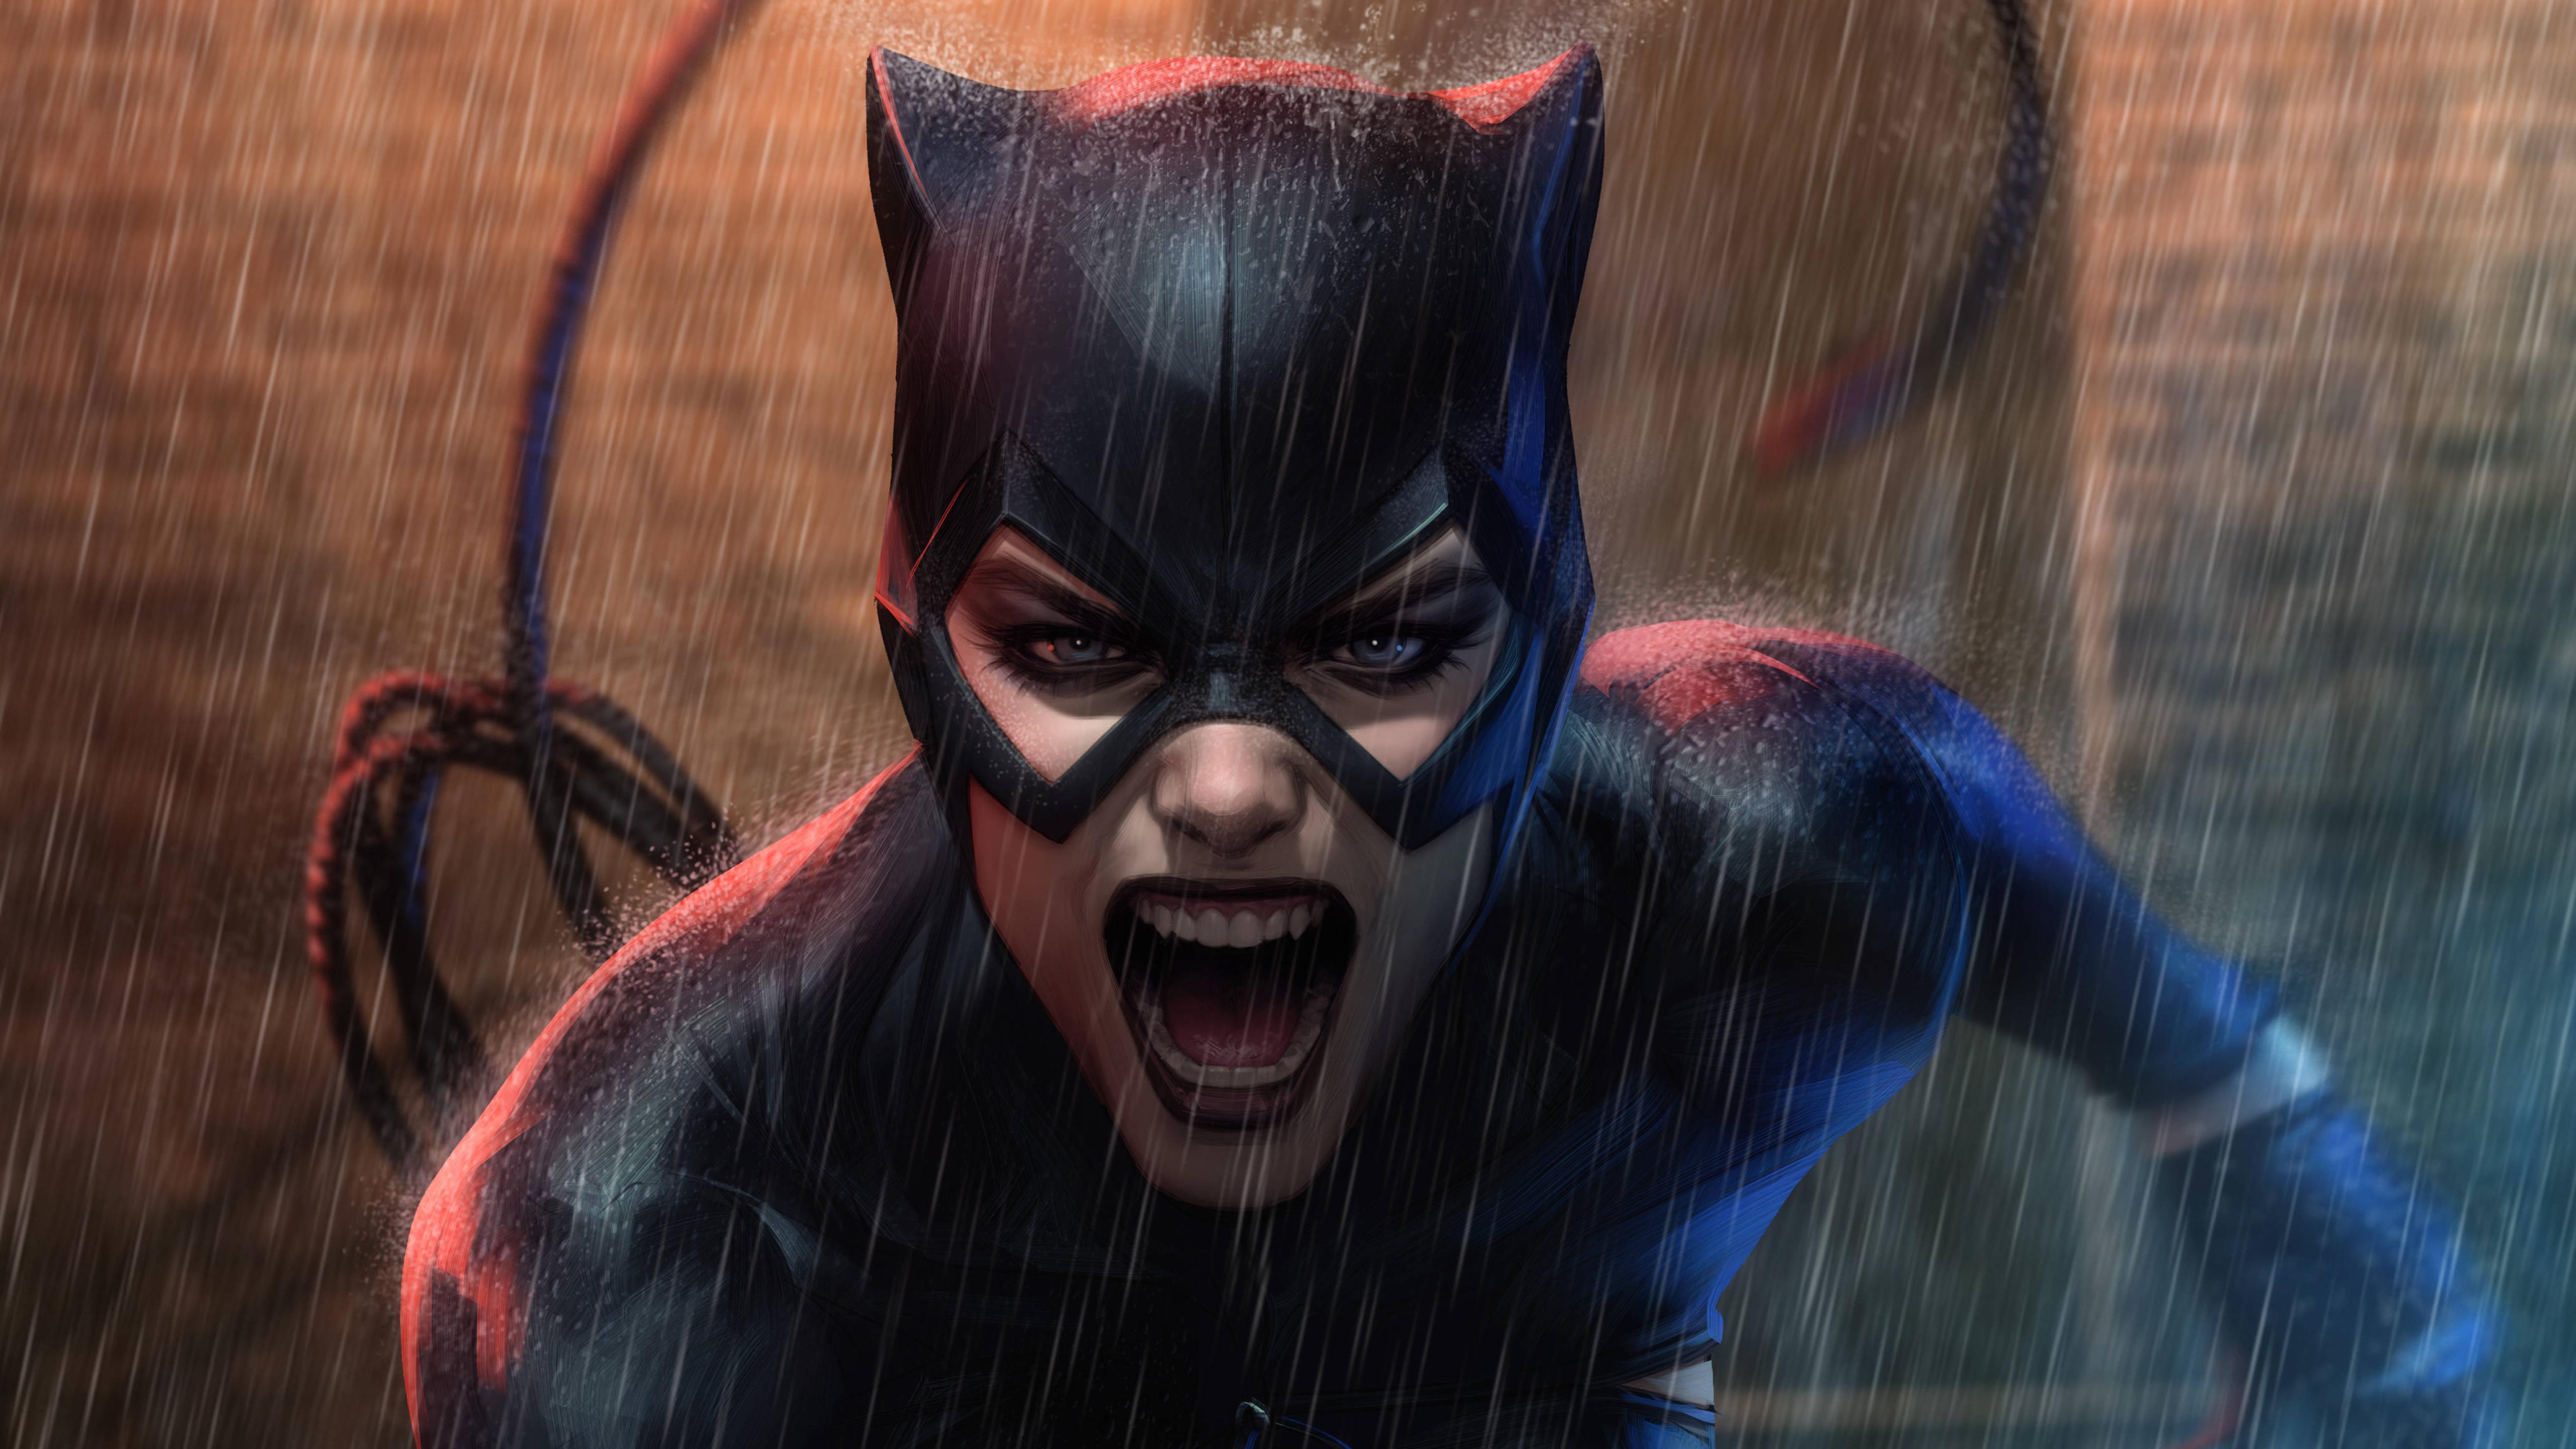 5120x2880 Catwoman Dc Comics 5k Wallpaper Hd Superheroes 4k